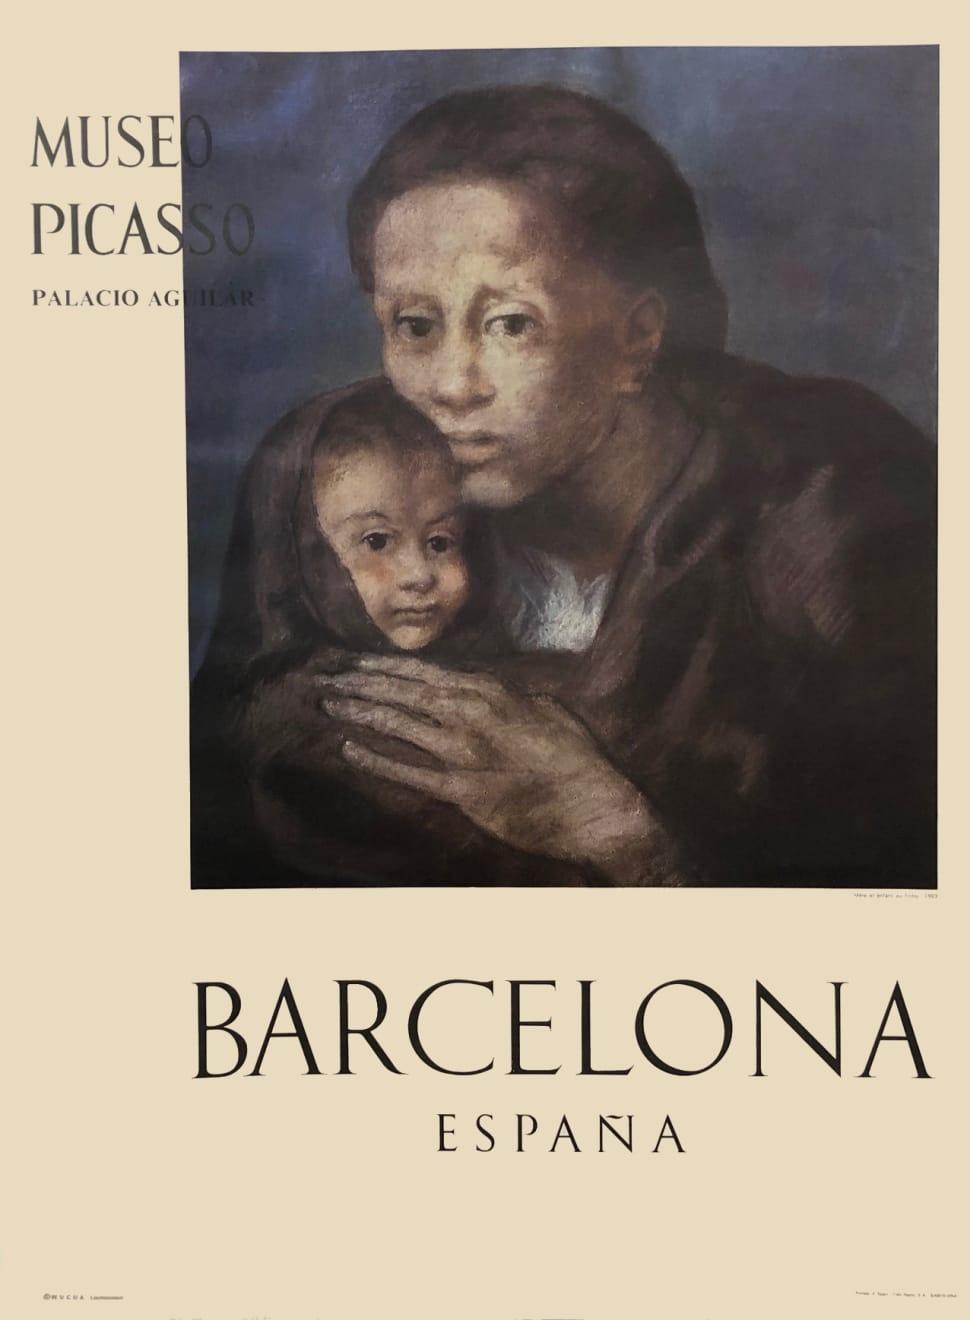 Pablo Picasso, Museo Picasso Barcelona Poster (Mère et enfant au fichu), 1966